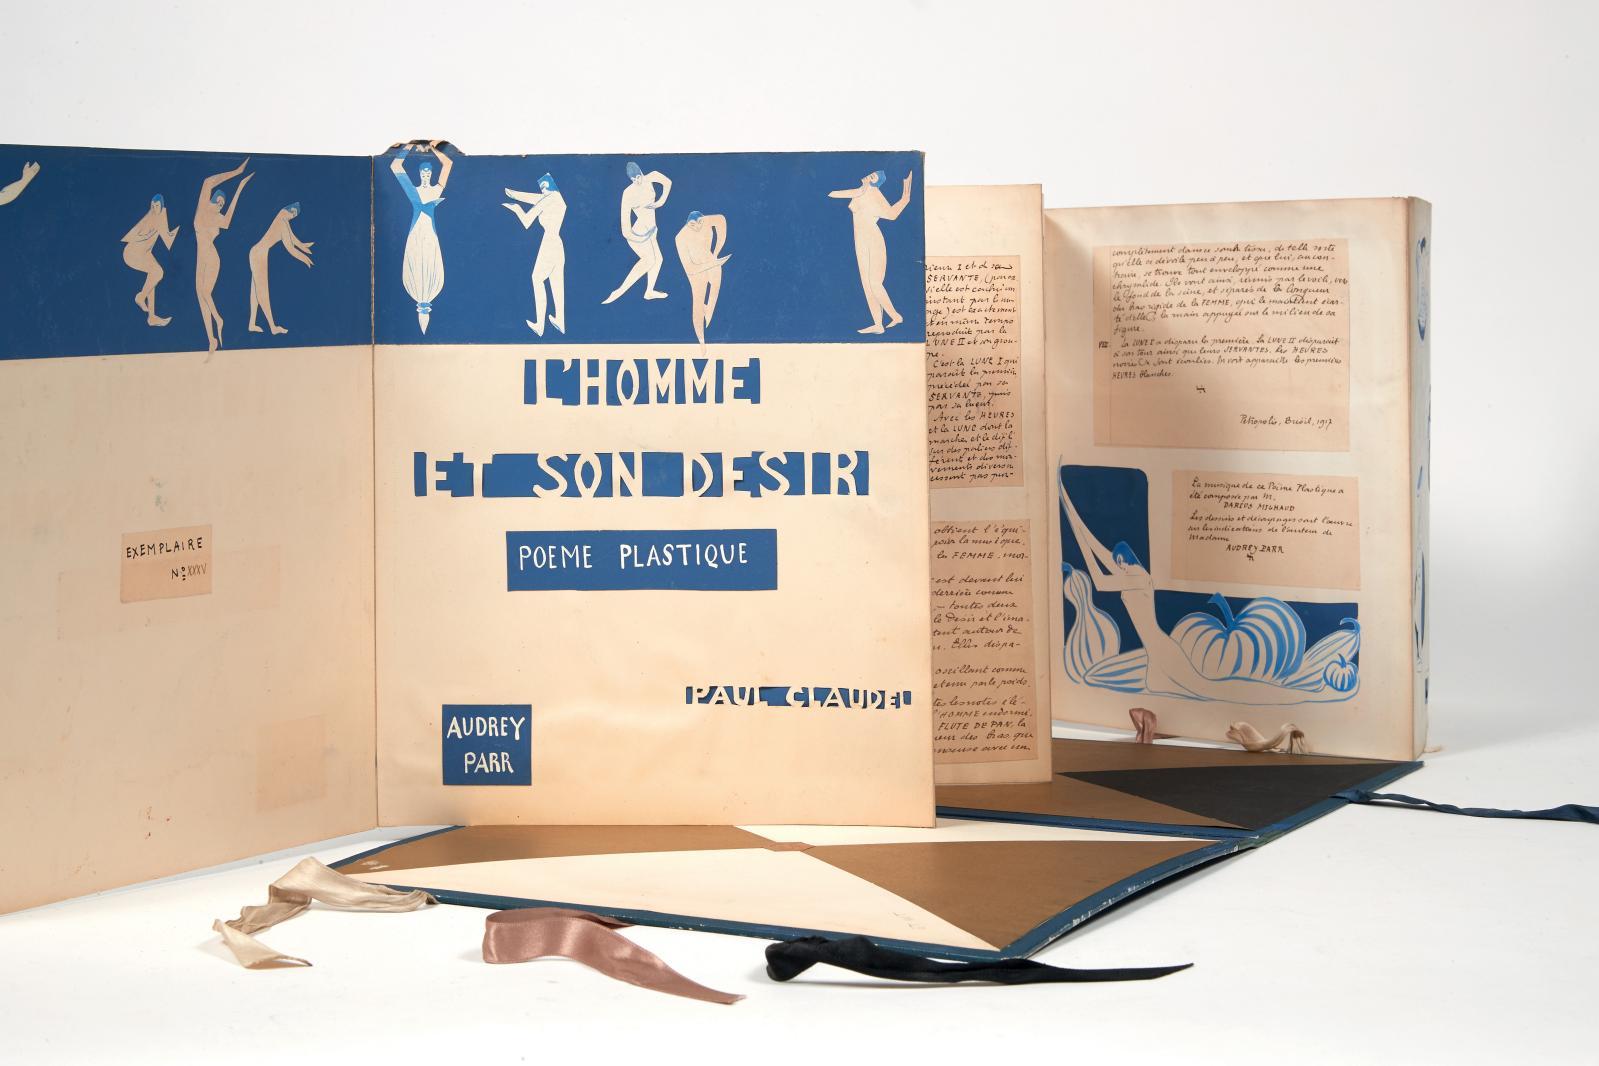 Paul Claudel (1868-1955), L'Homme et son désir, Petropolis, 1917. Édition originale confectionnée à une cinquantaine d'exemplaires par Audrey Parr(18